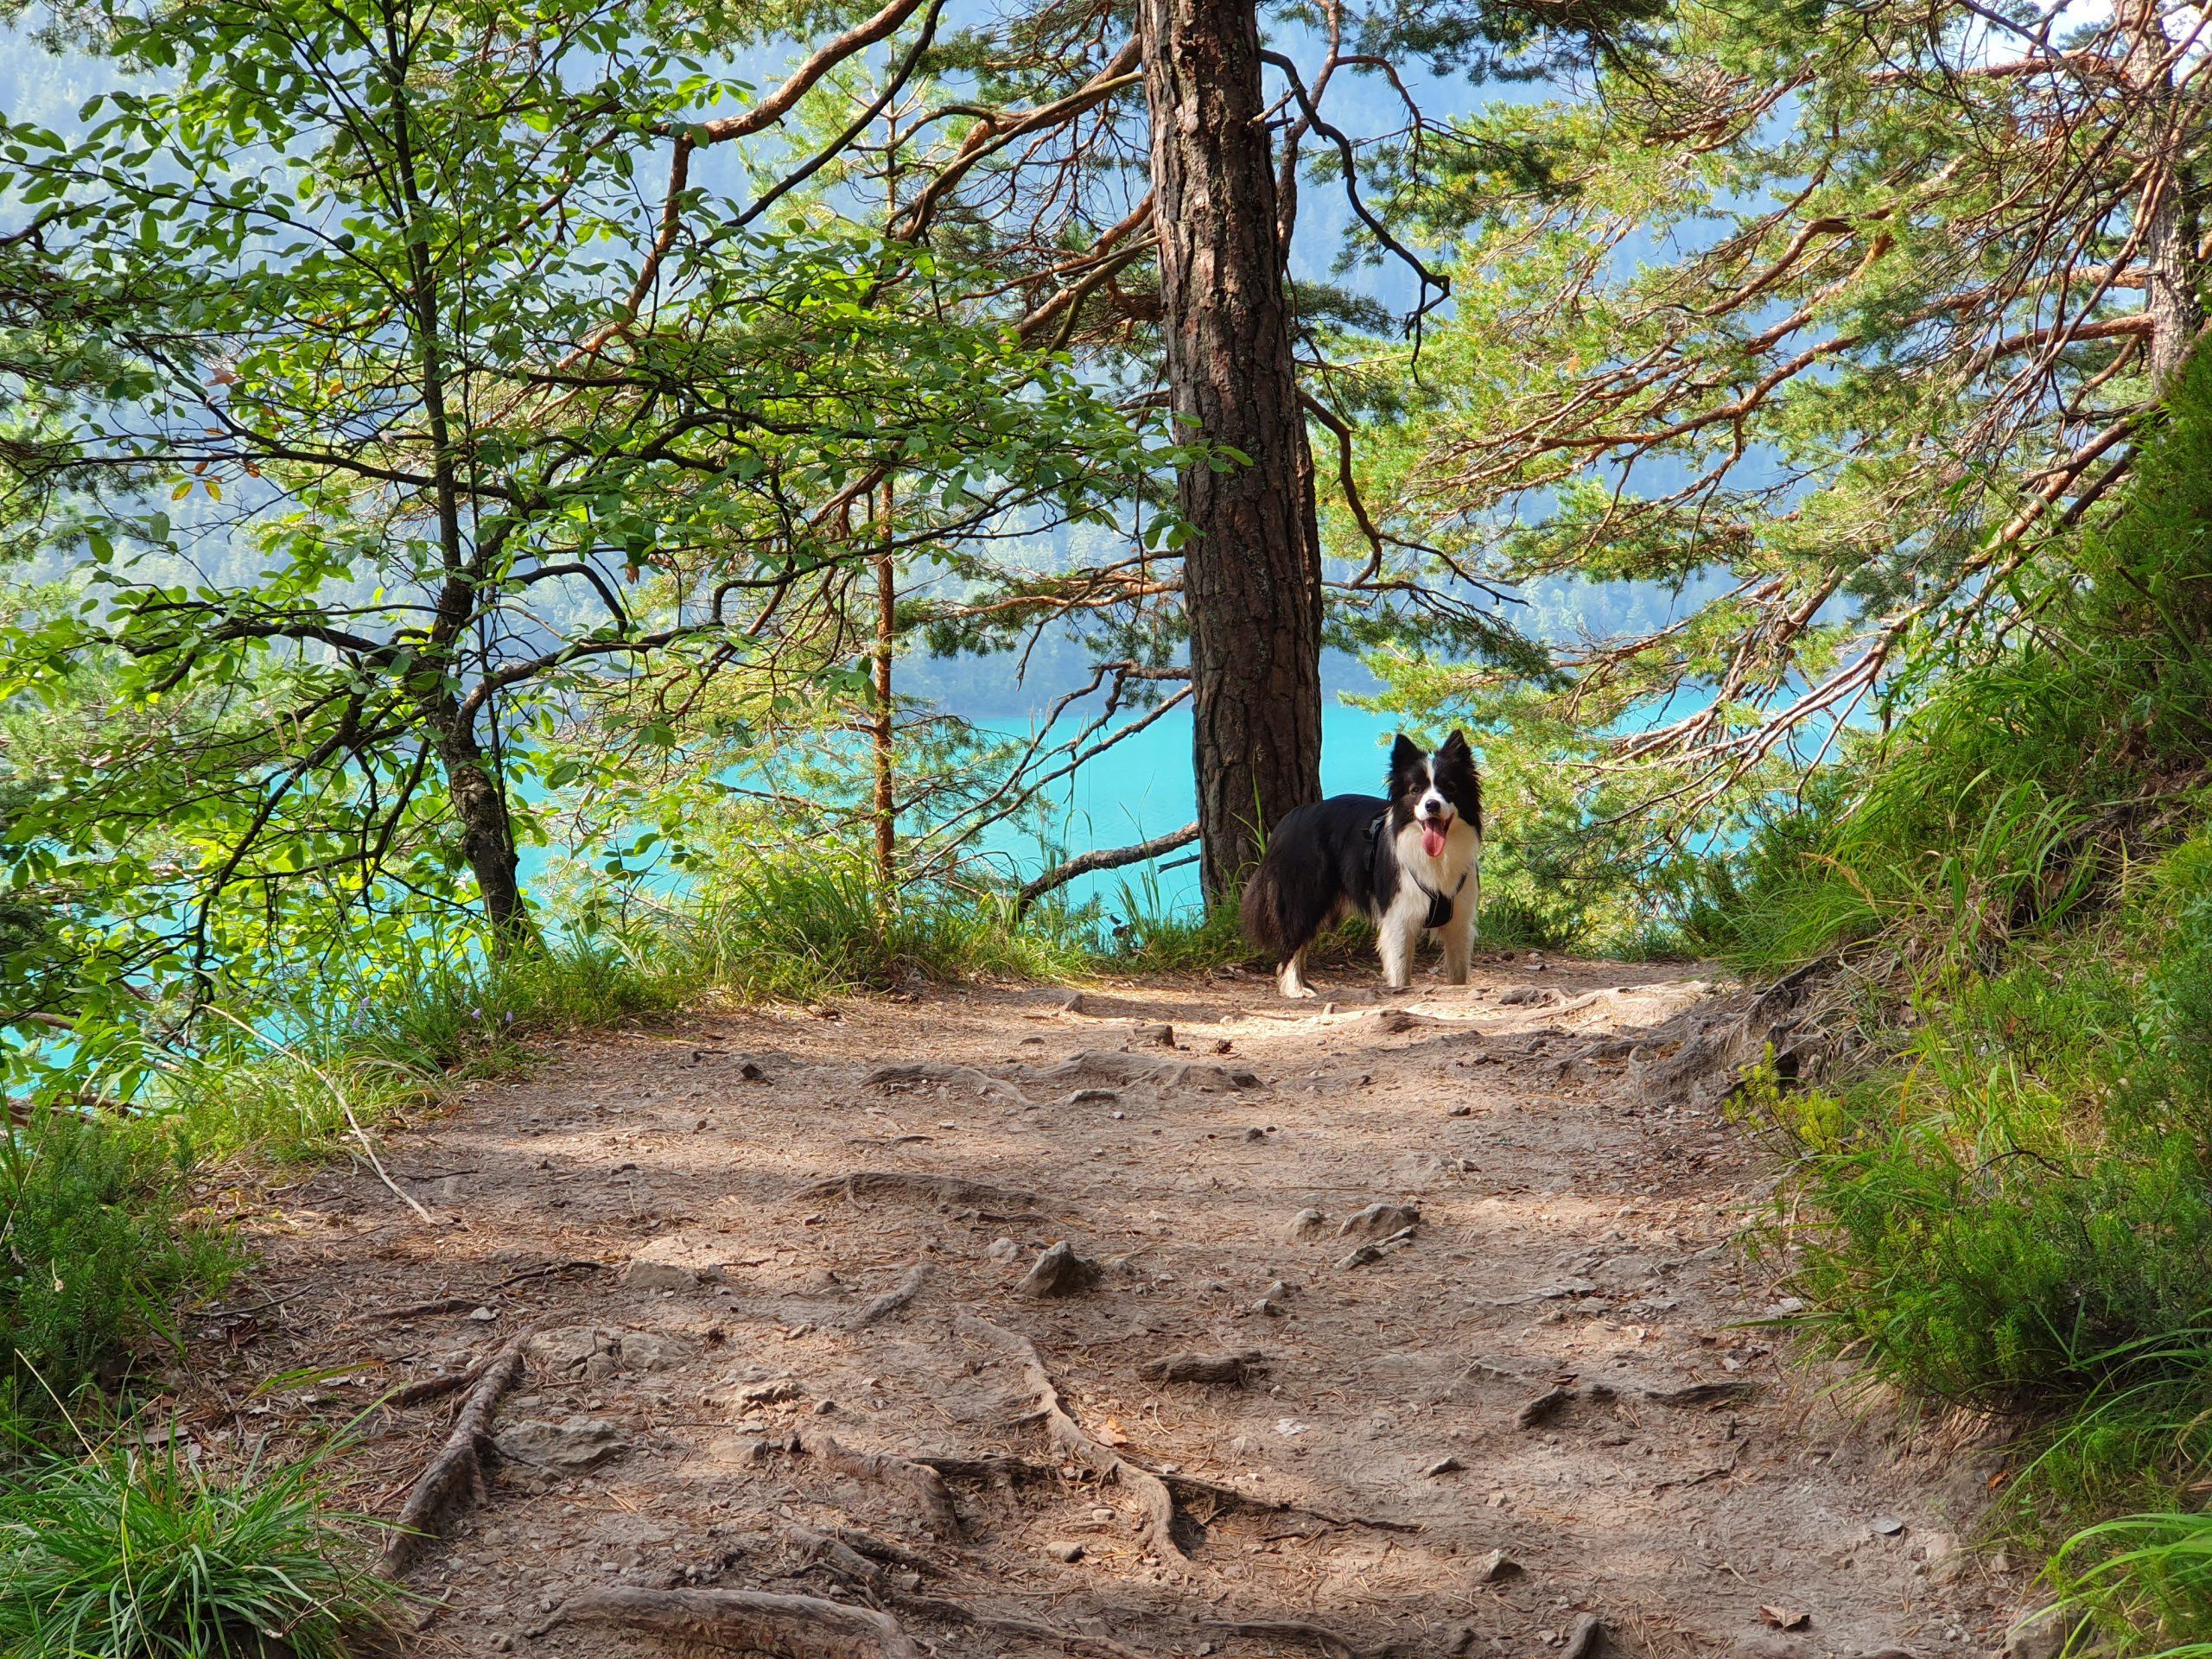 Let's Dog Geheimtipp für Urlaub mit Hund in Österreich